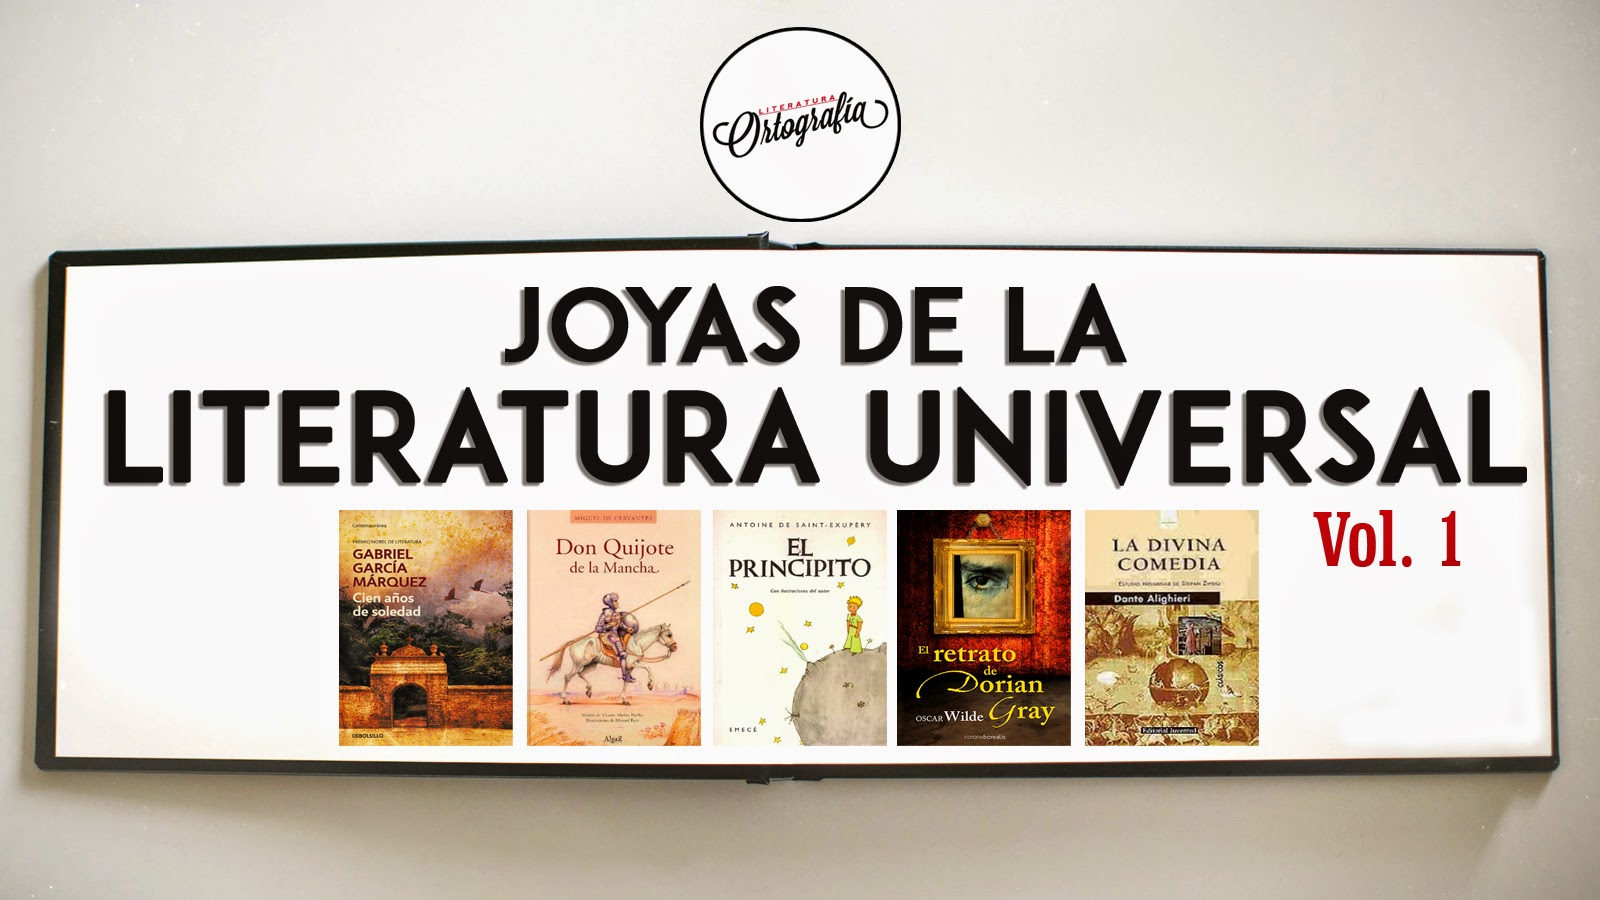 Download Descargar Libros Gratis En Pdf El Principito